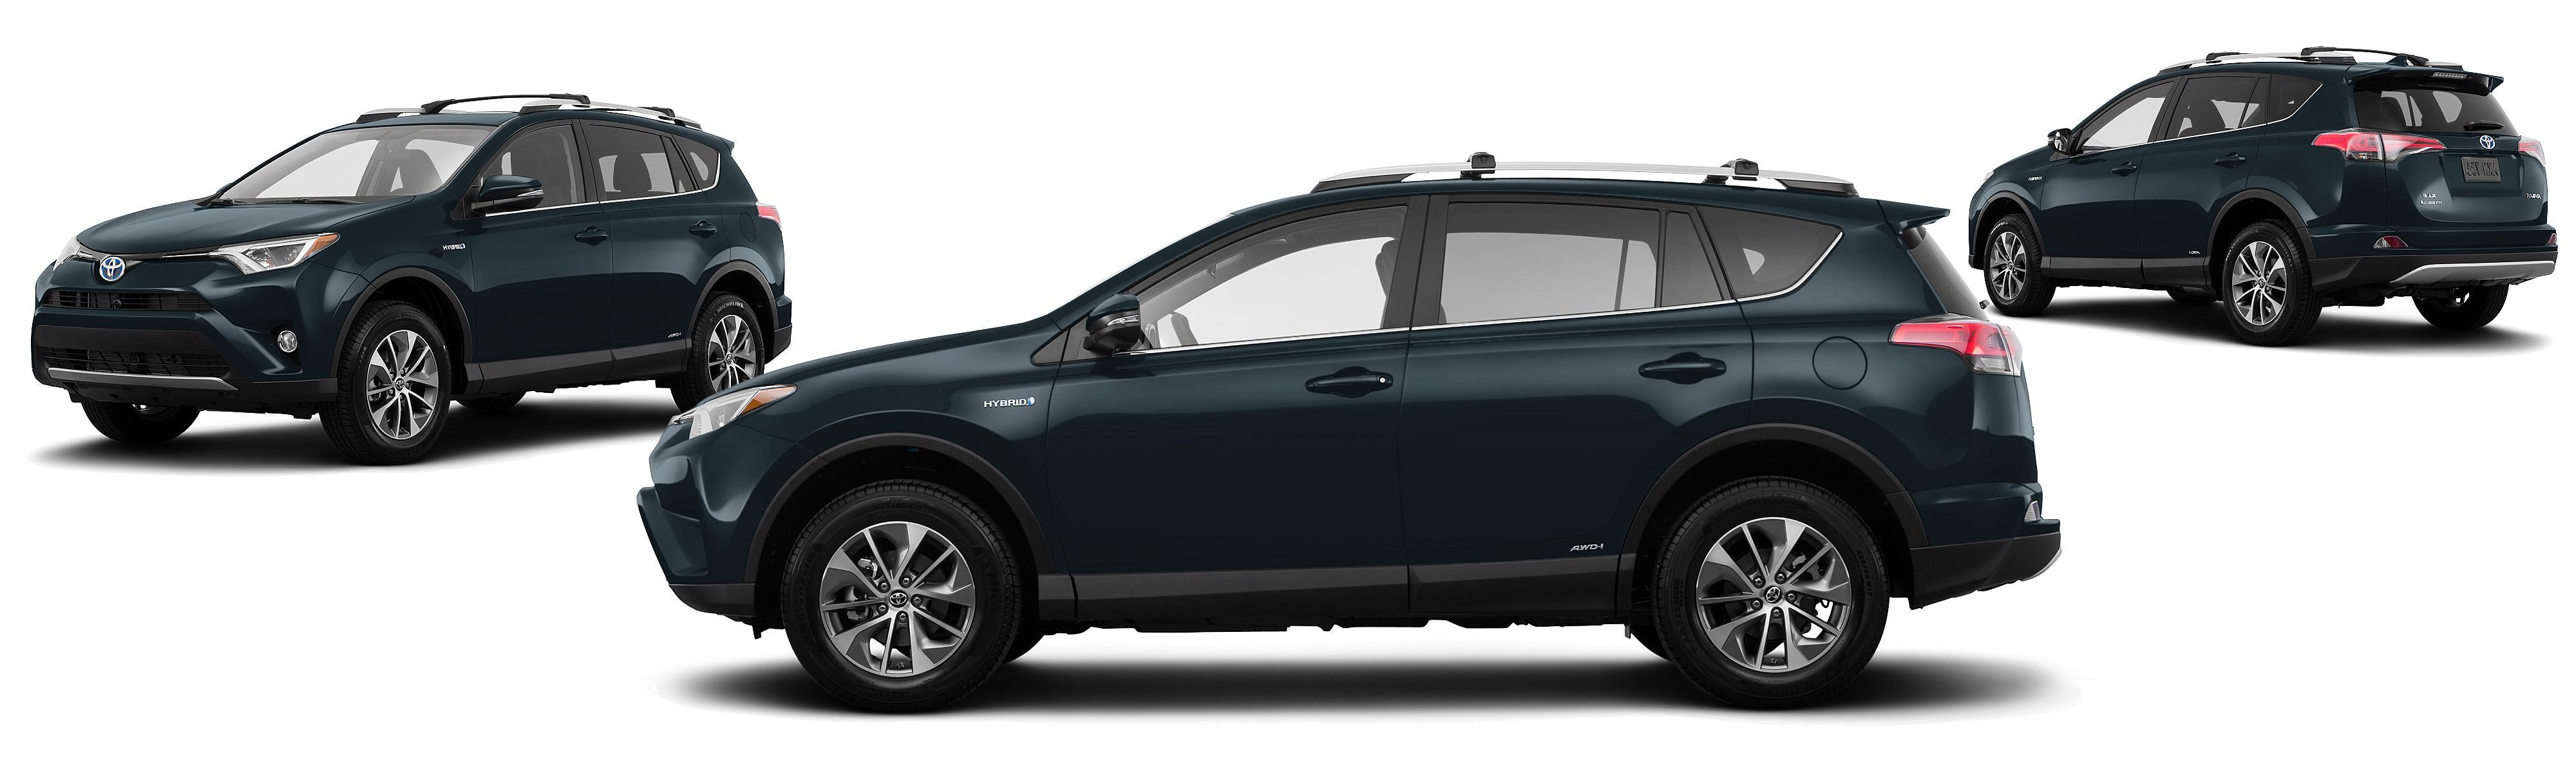 and suv reviews original hybrid hr car c test toyota driver photo awd s review